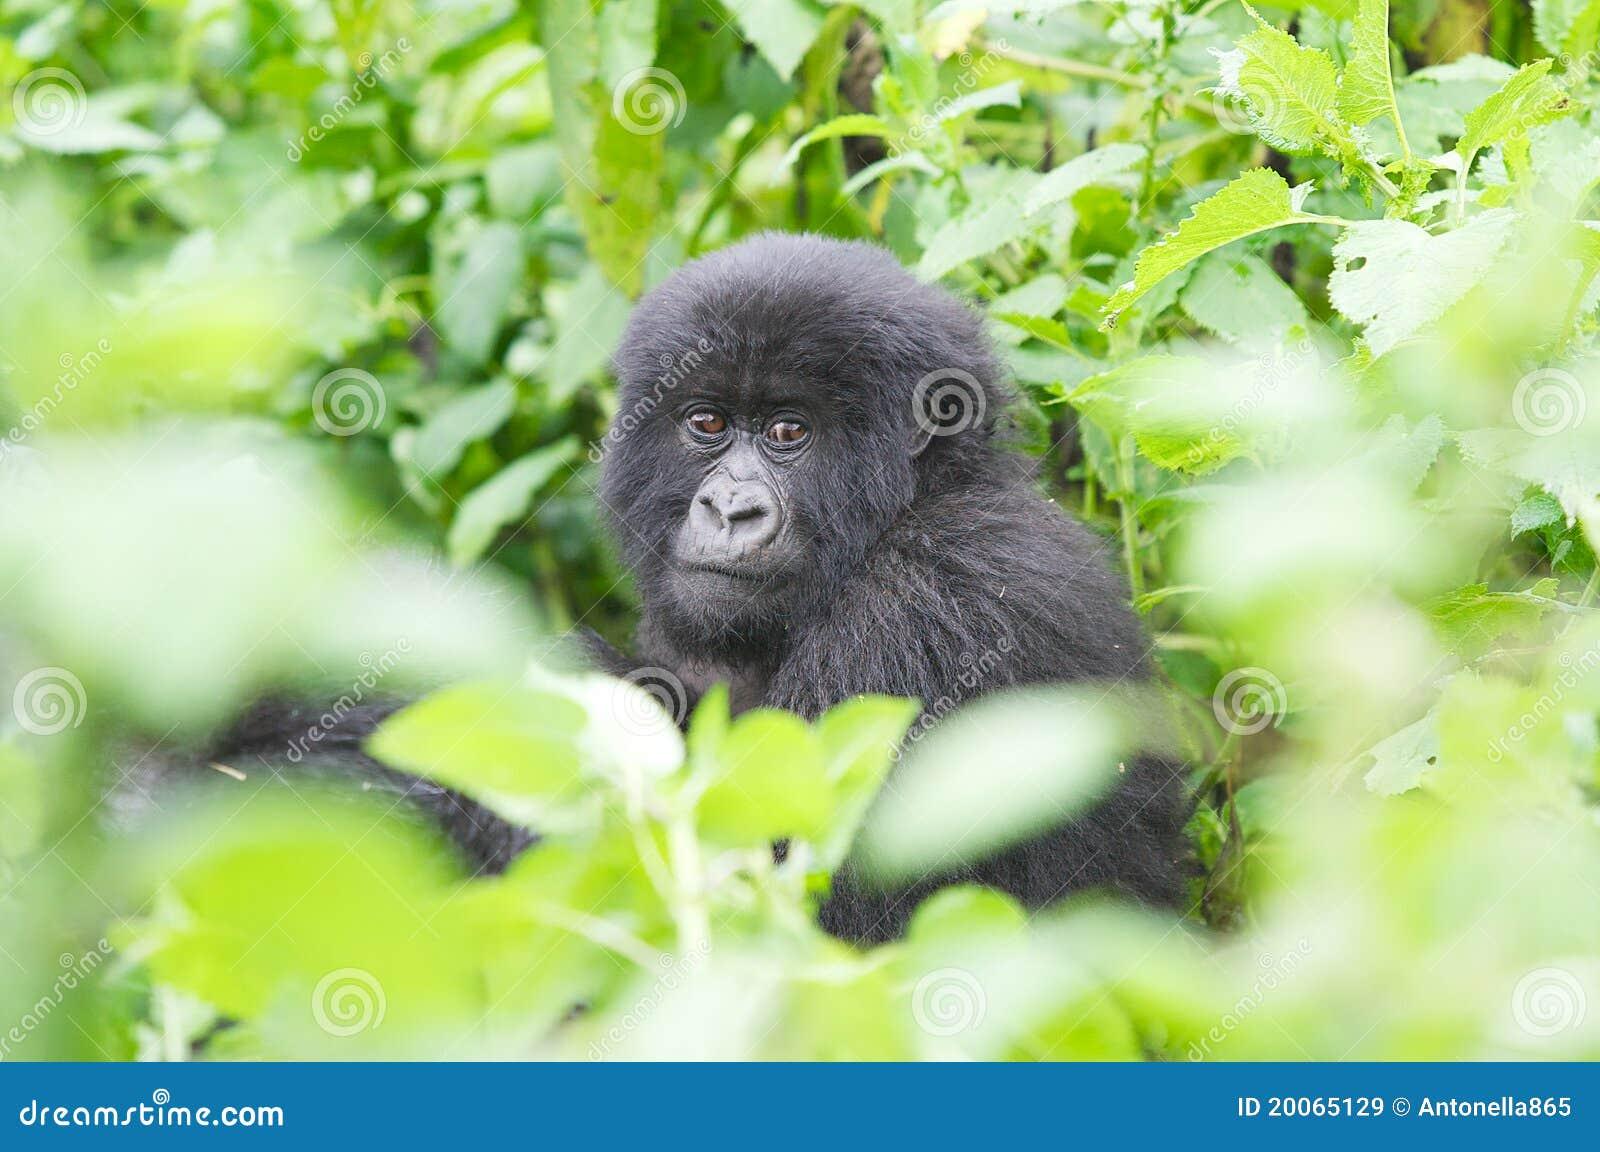 Young mountain gorilla